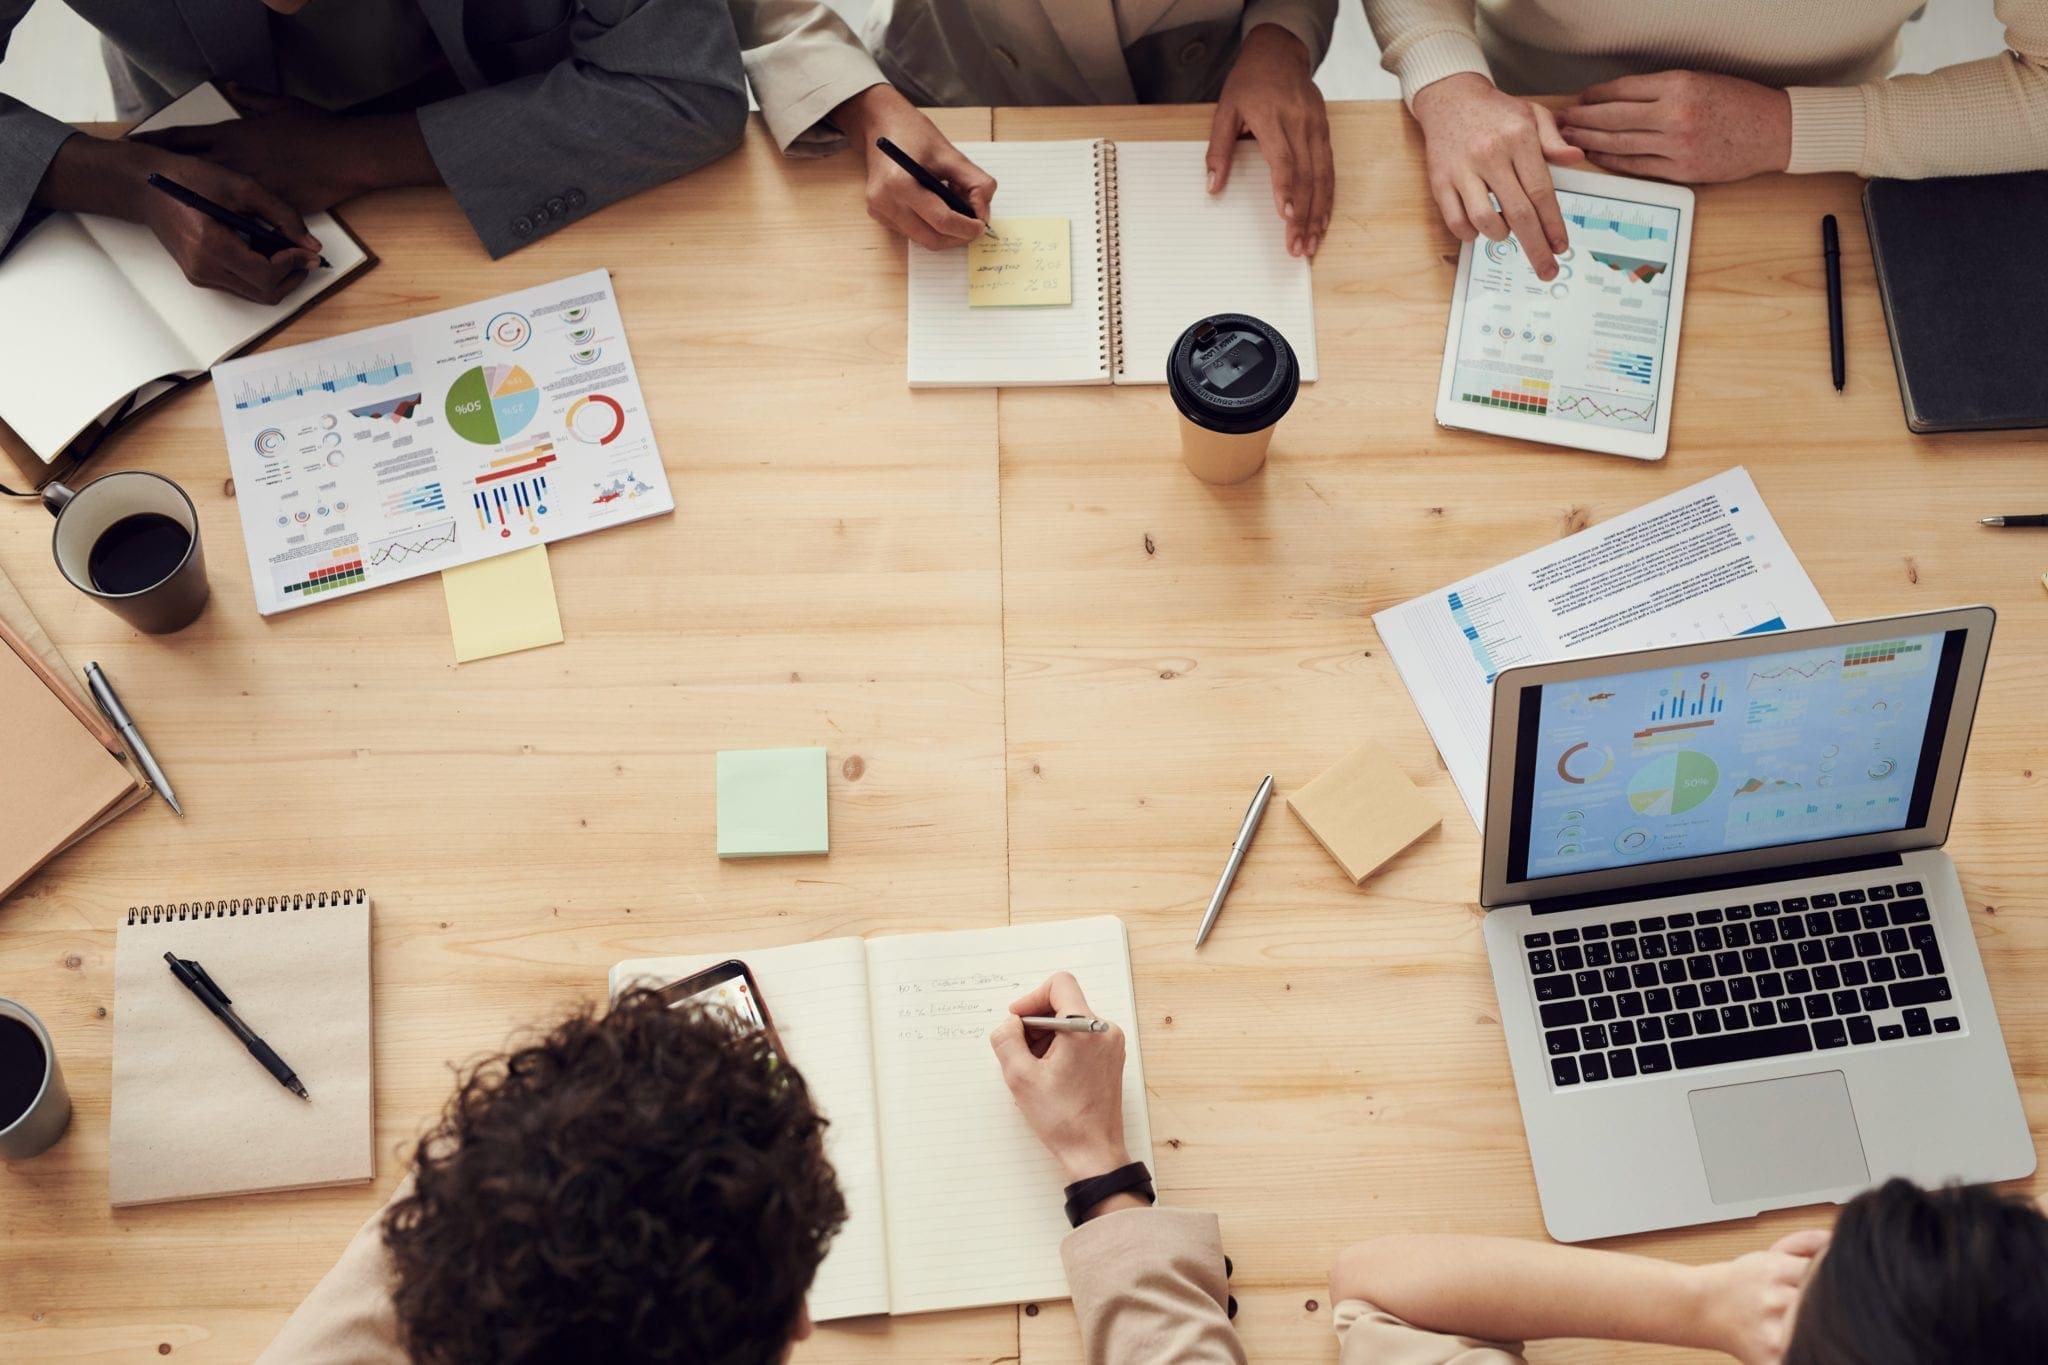 Professionelles Projektmanagement lohnt sich - auch für kleine Agenturen